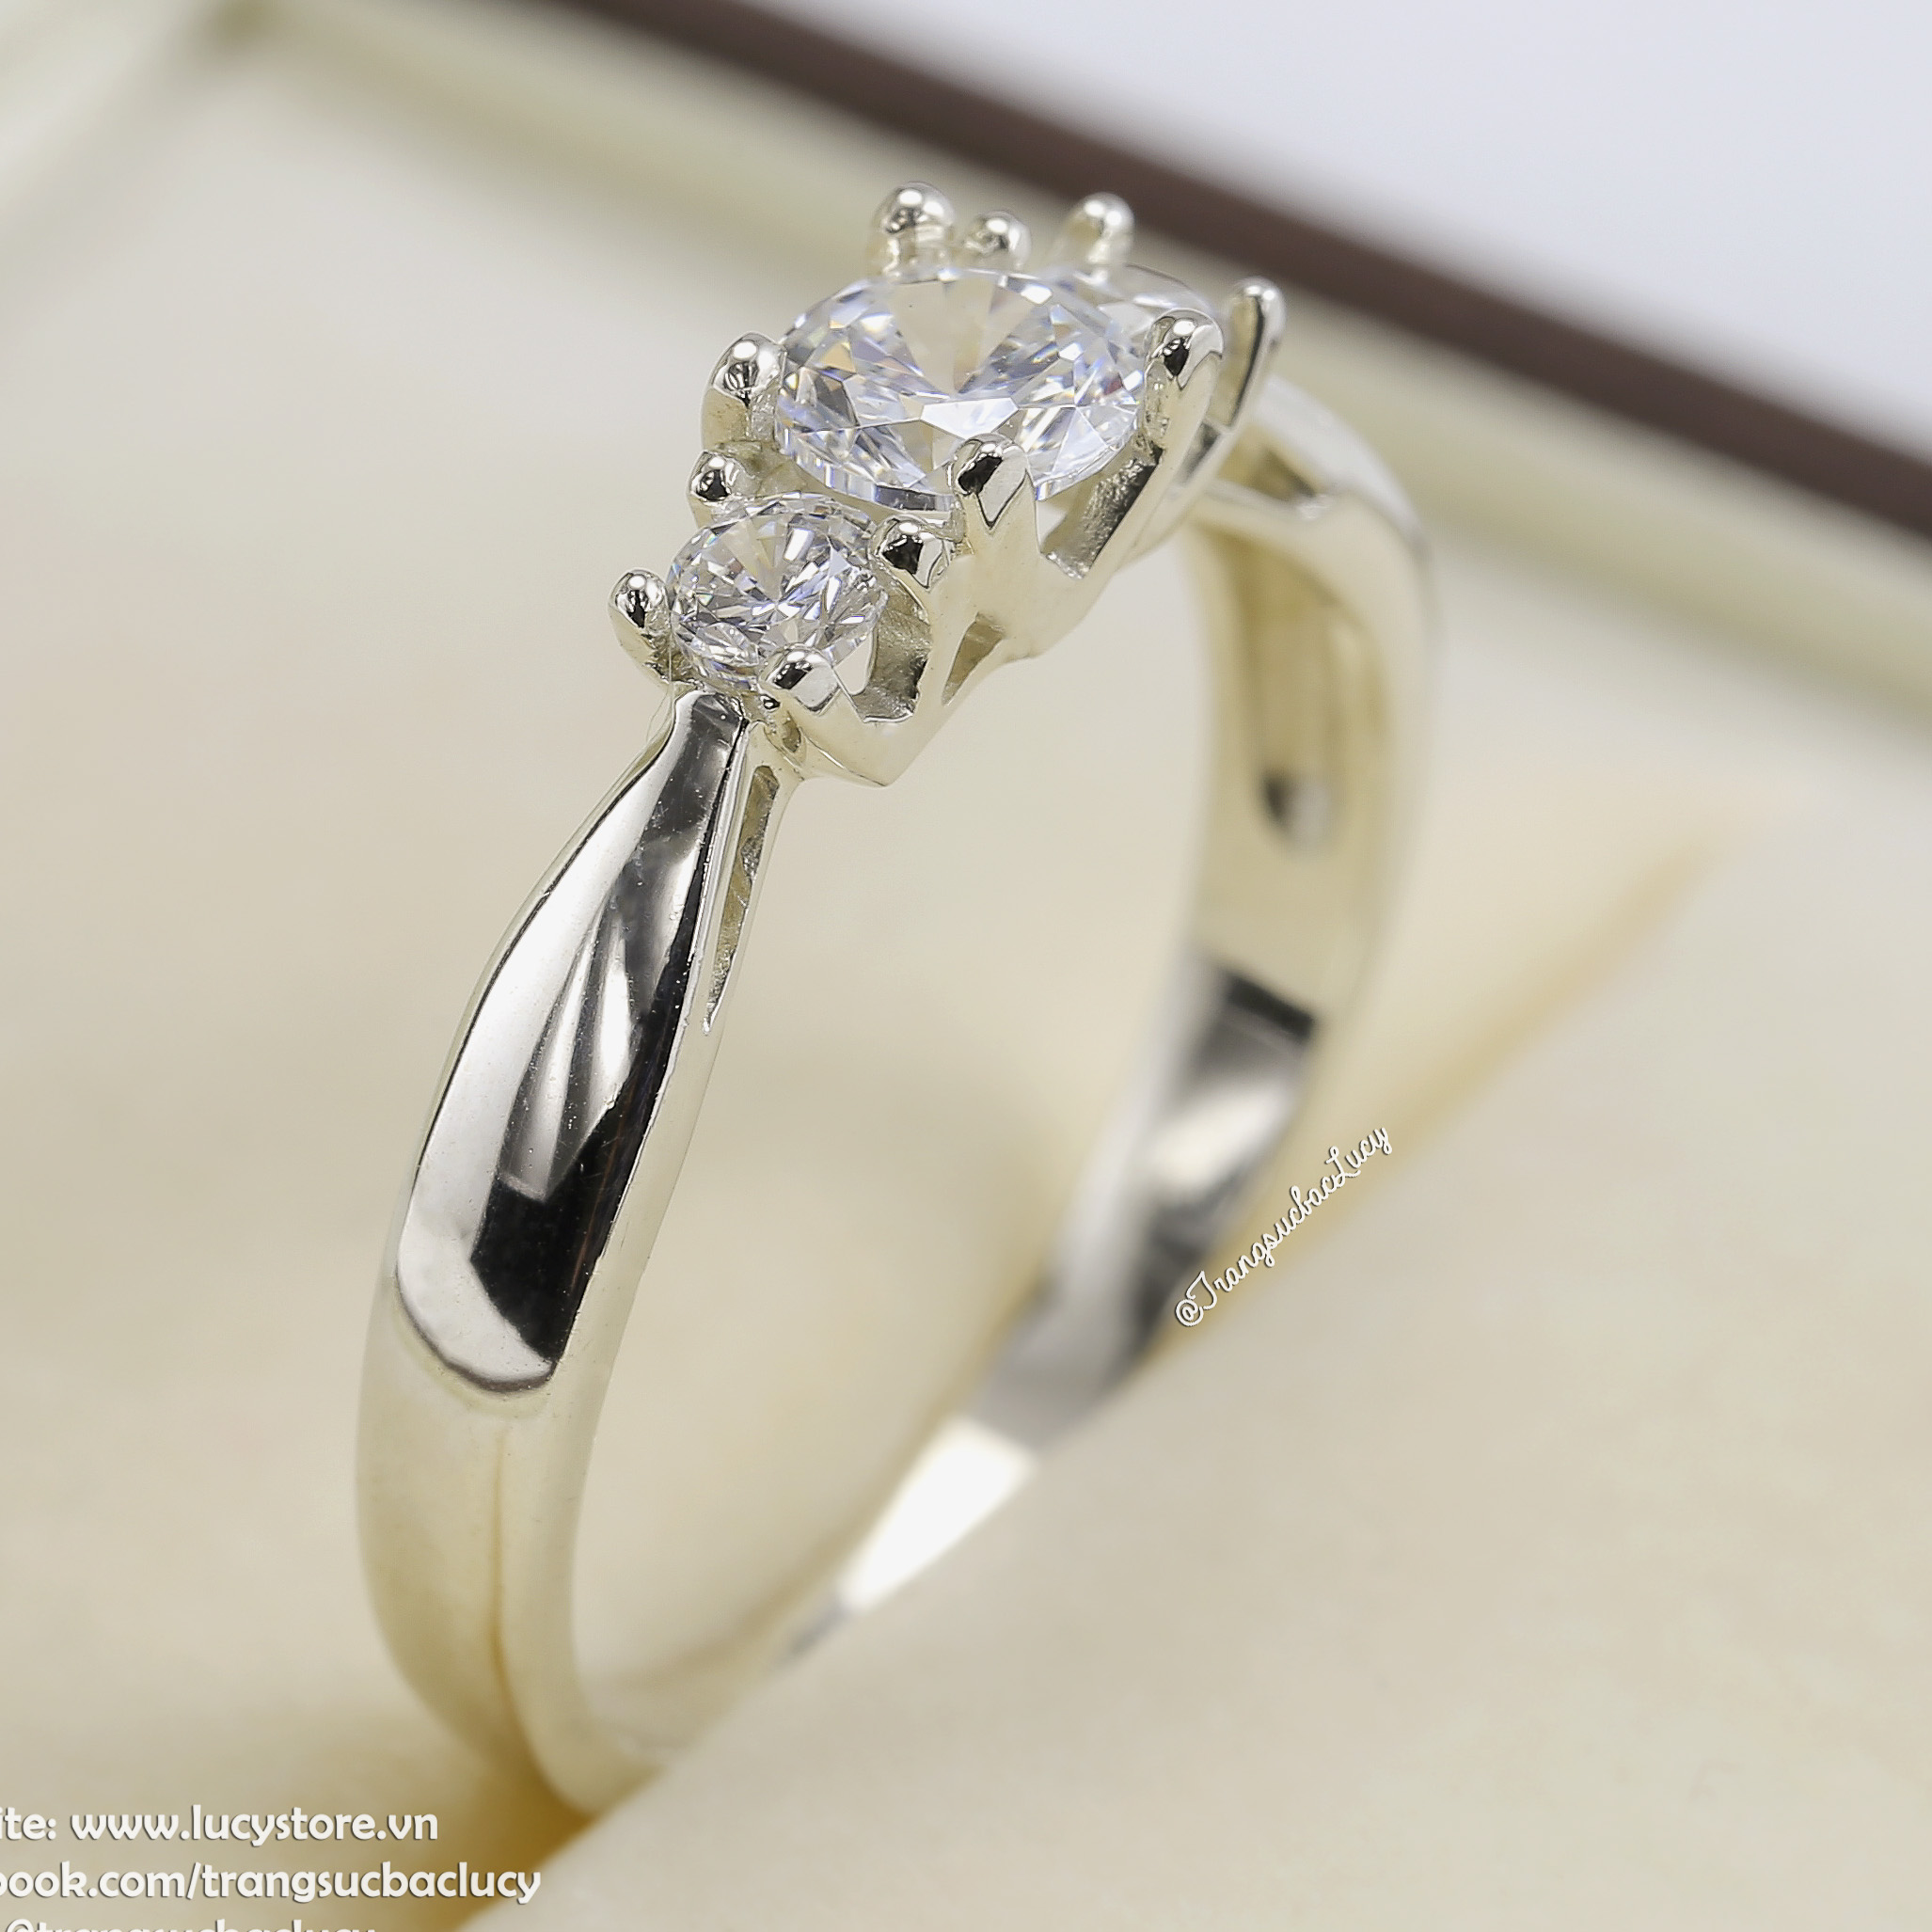 Nhẫn bạc nữ đẹp - RW193